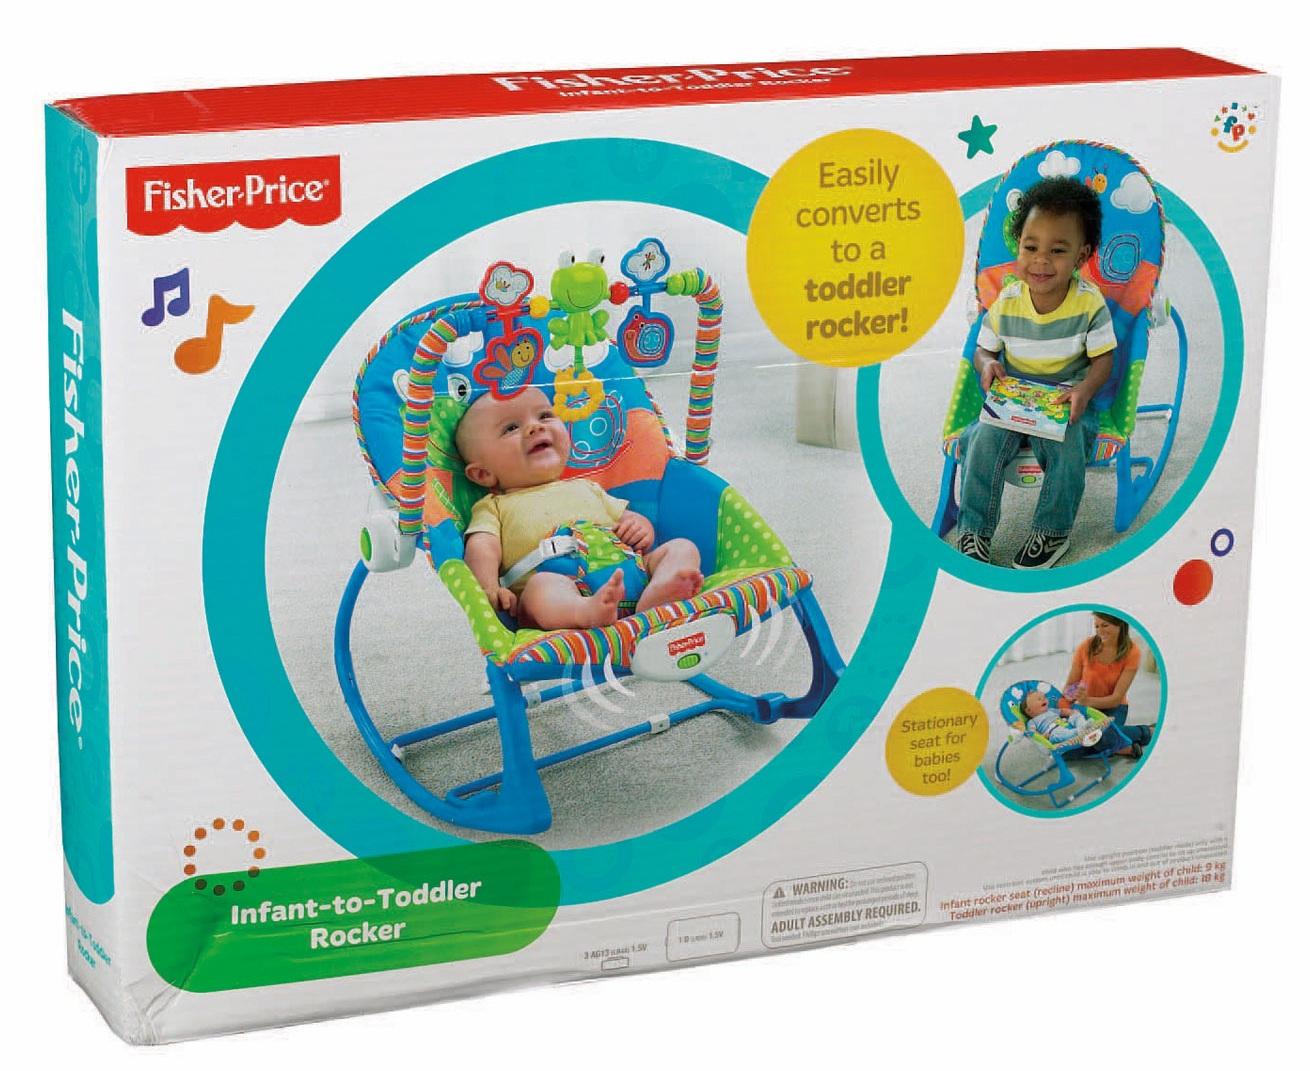 Quà tặng bà bầu sắp sinh - Ghế rung Fisher Price  cho bé sơ sinh